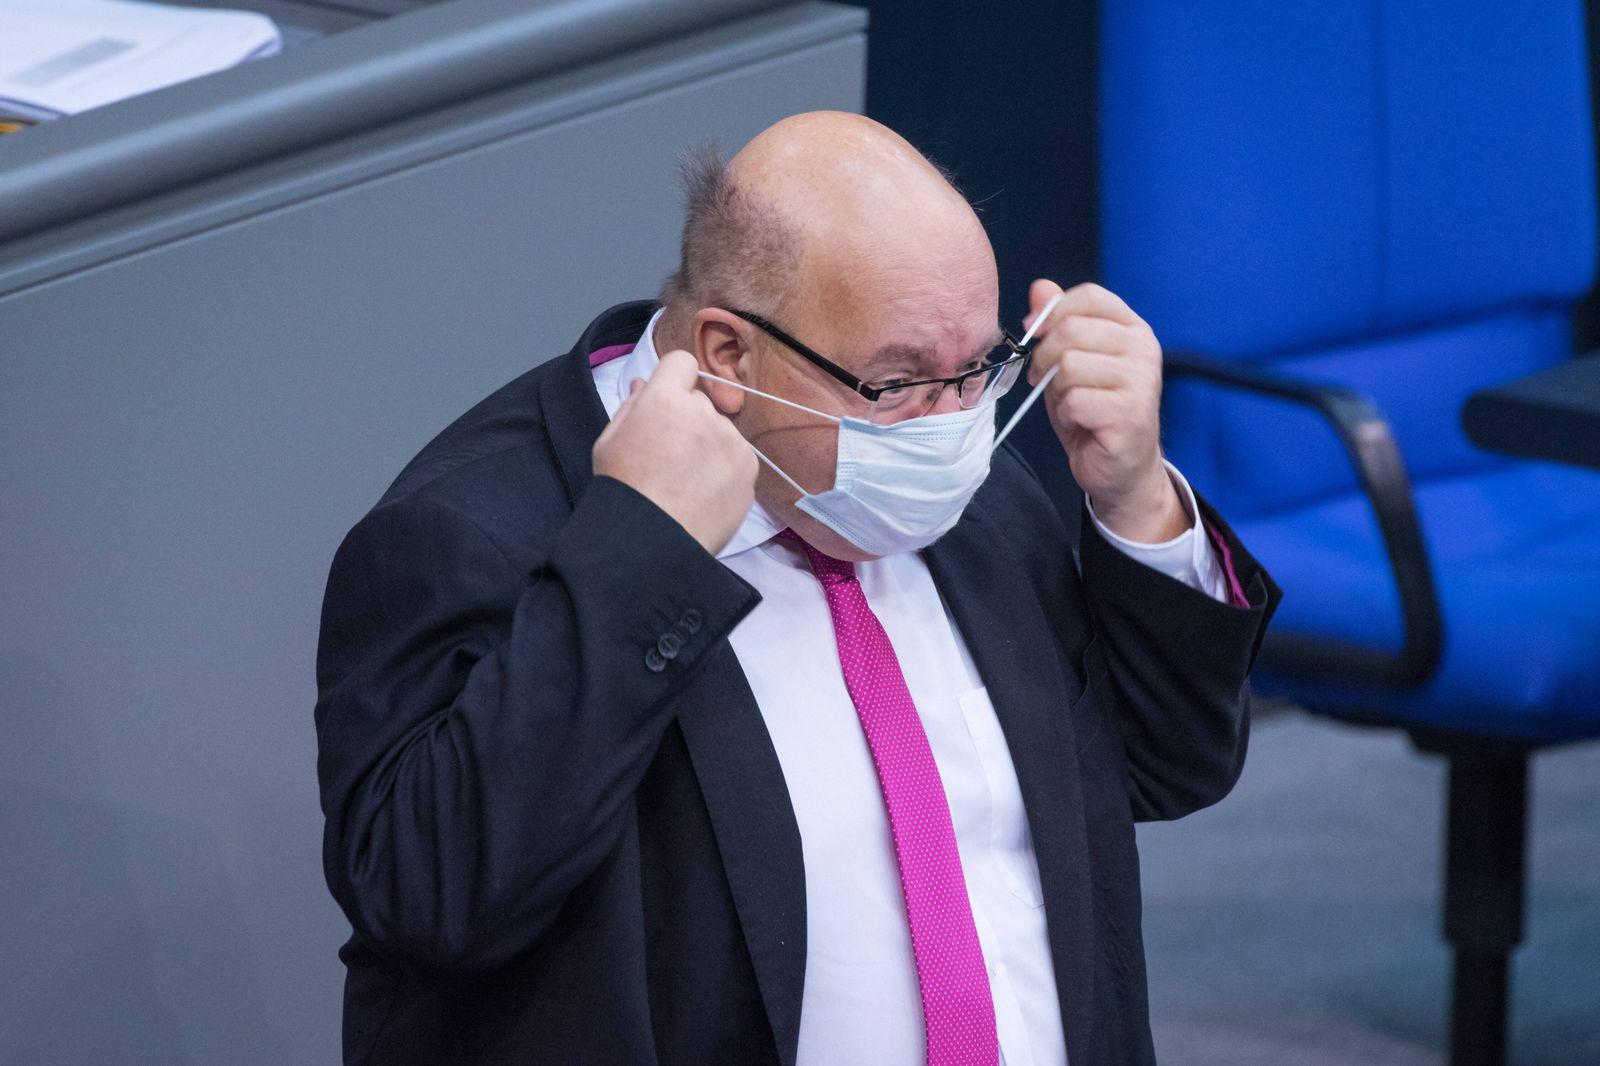 Berlin, Plenarsitzung im Bundestag Deutschland, Berlin - 08.12.2020: Im Bild ist Peter Altmaier (Bundesminister für Wir